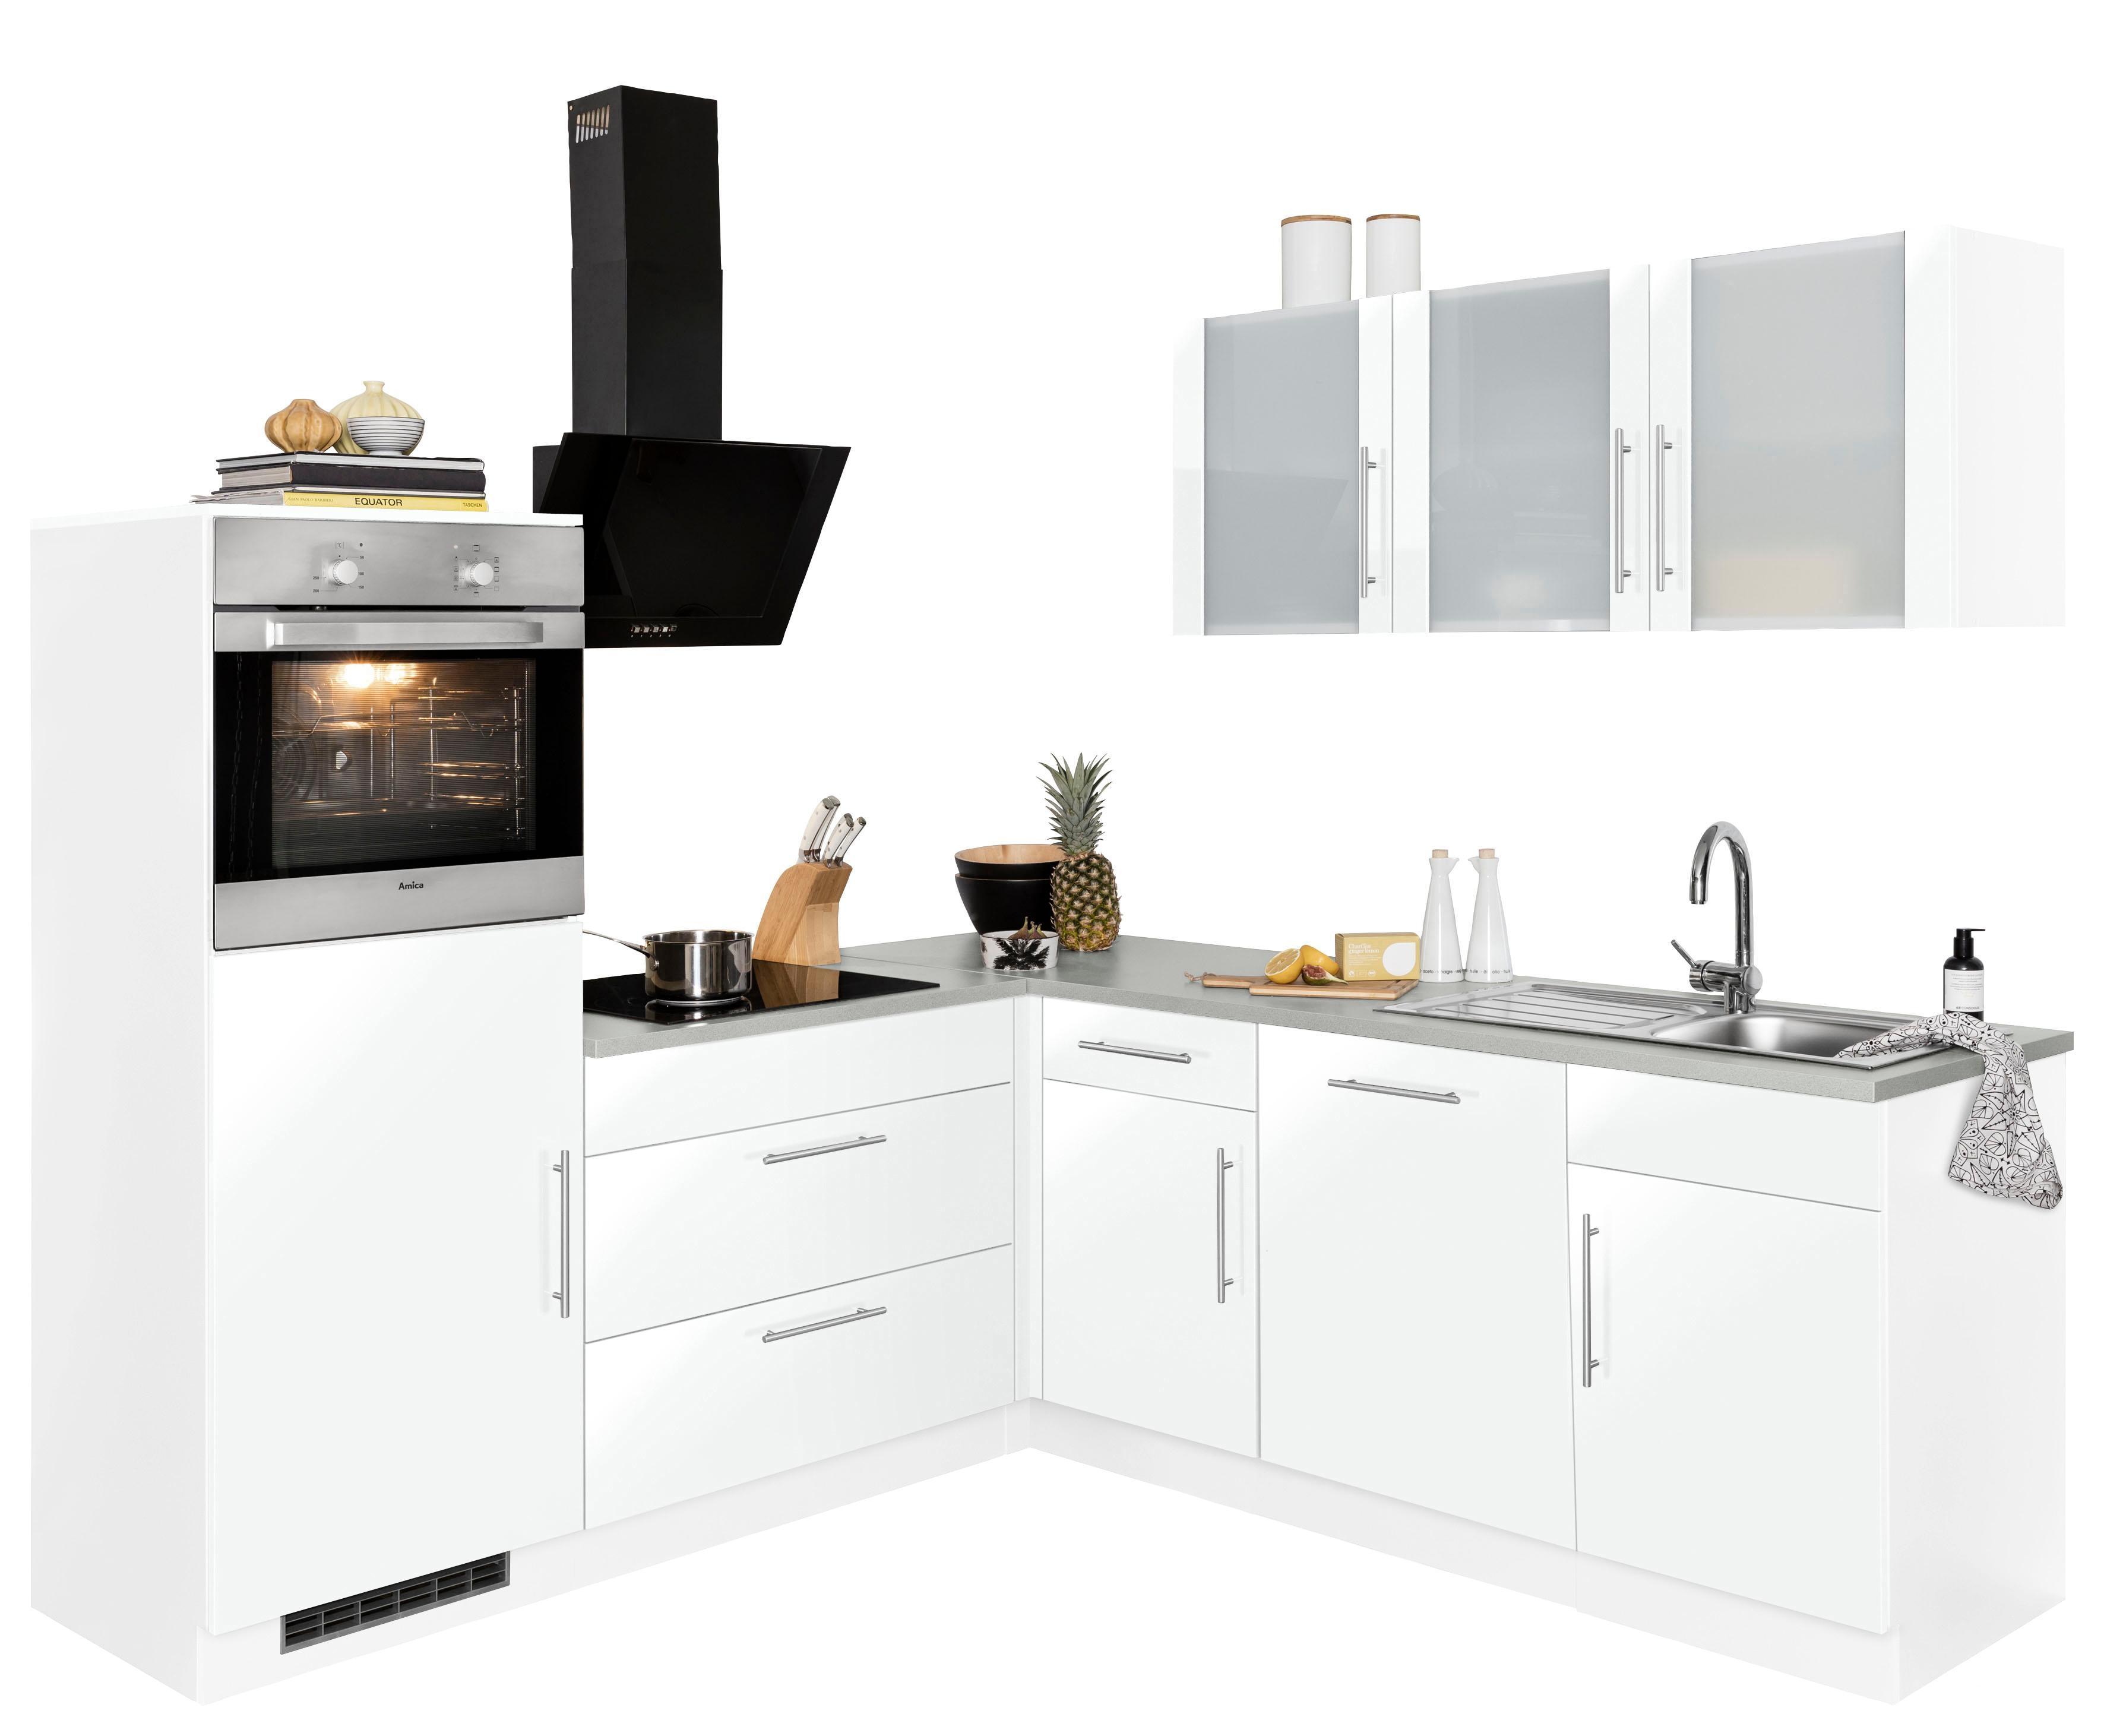 wiho Küchen Winkelküche Cali | Küche und Esszimmer > Küchen > Winkelküchen | Weiß | Wiho Küchen